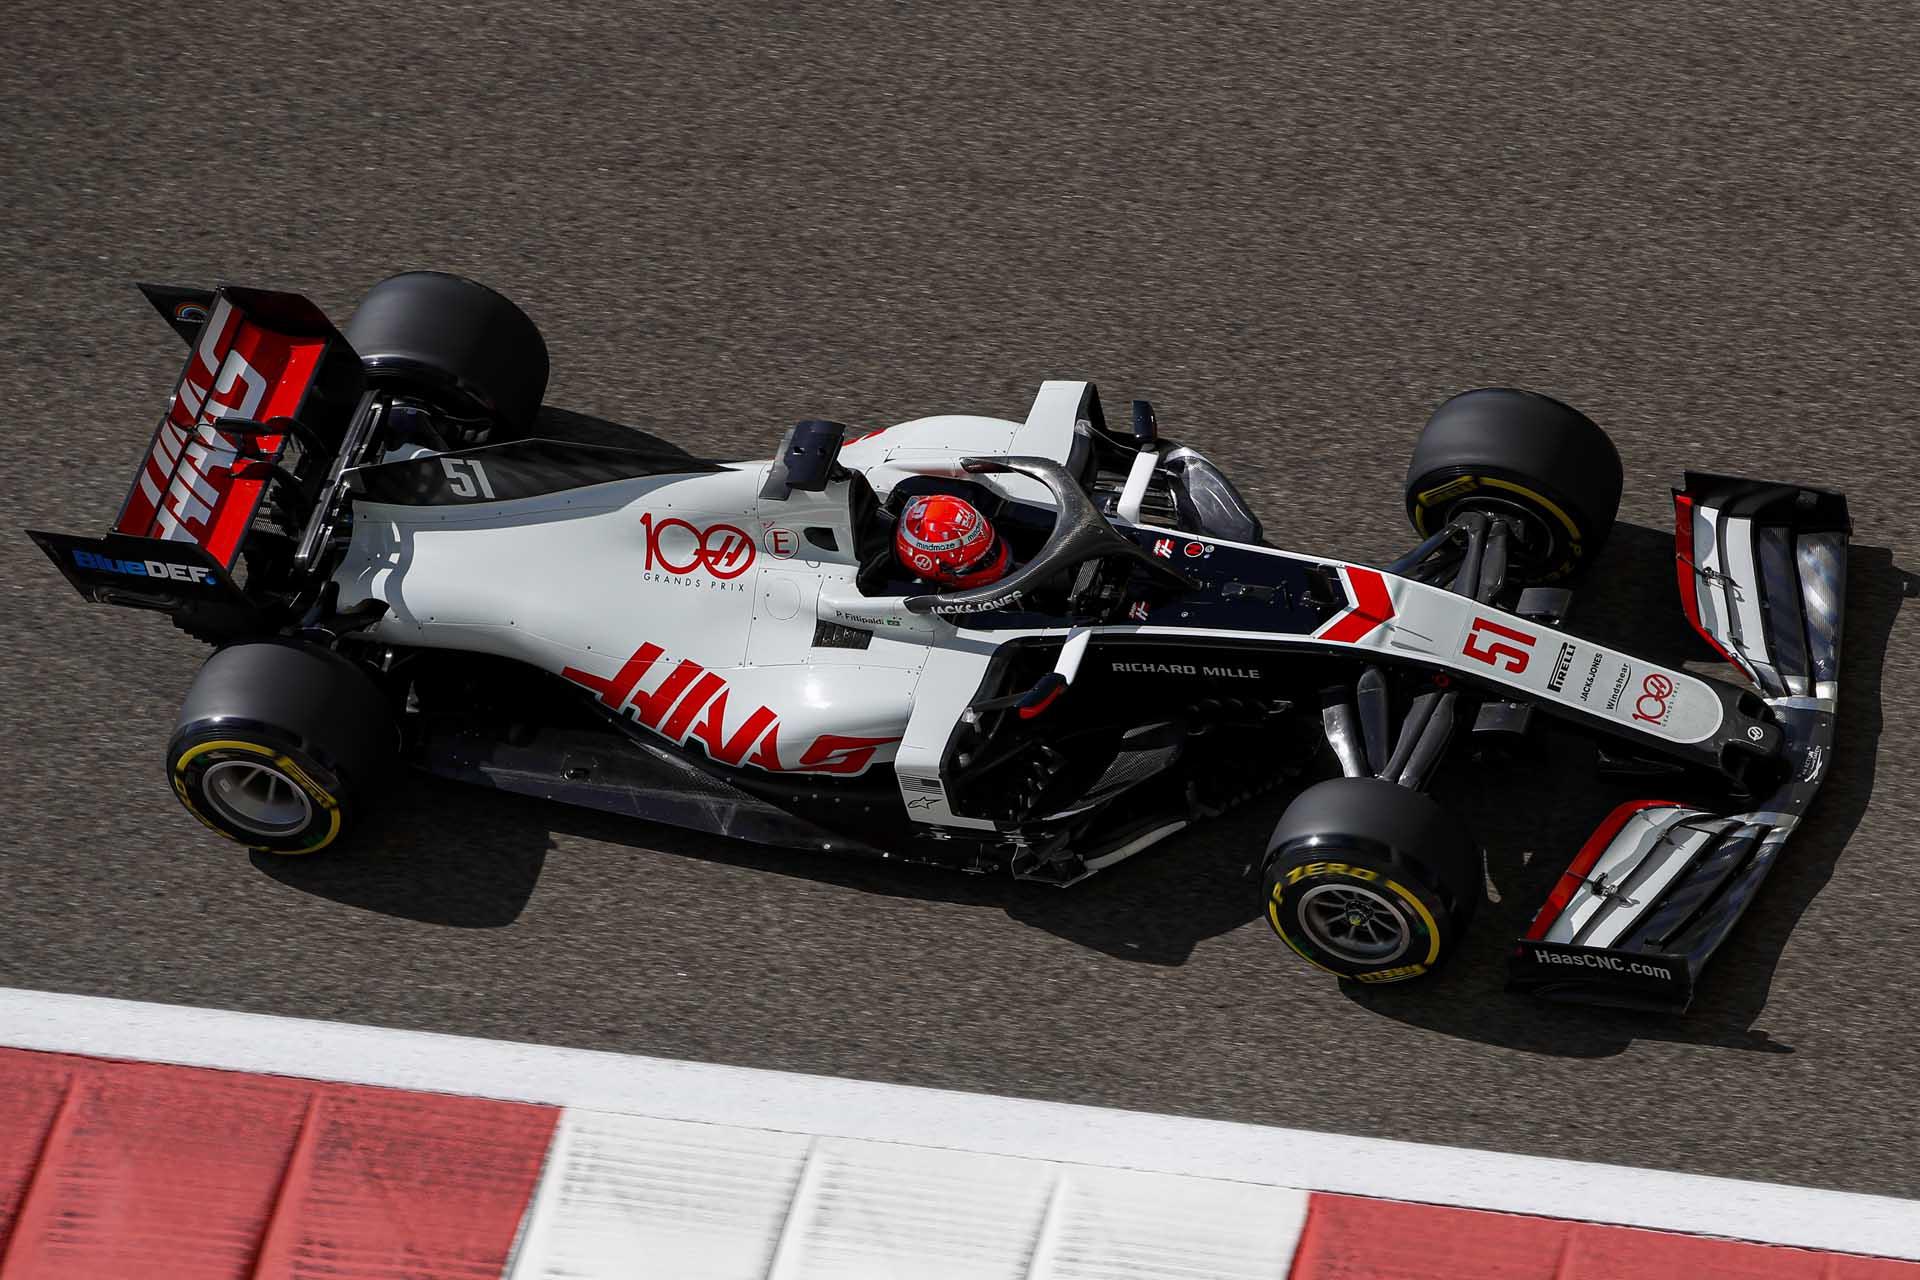 2020 Abu Dhabi GP